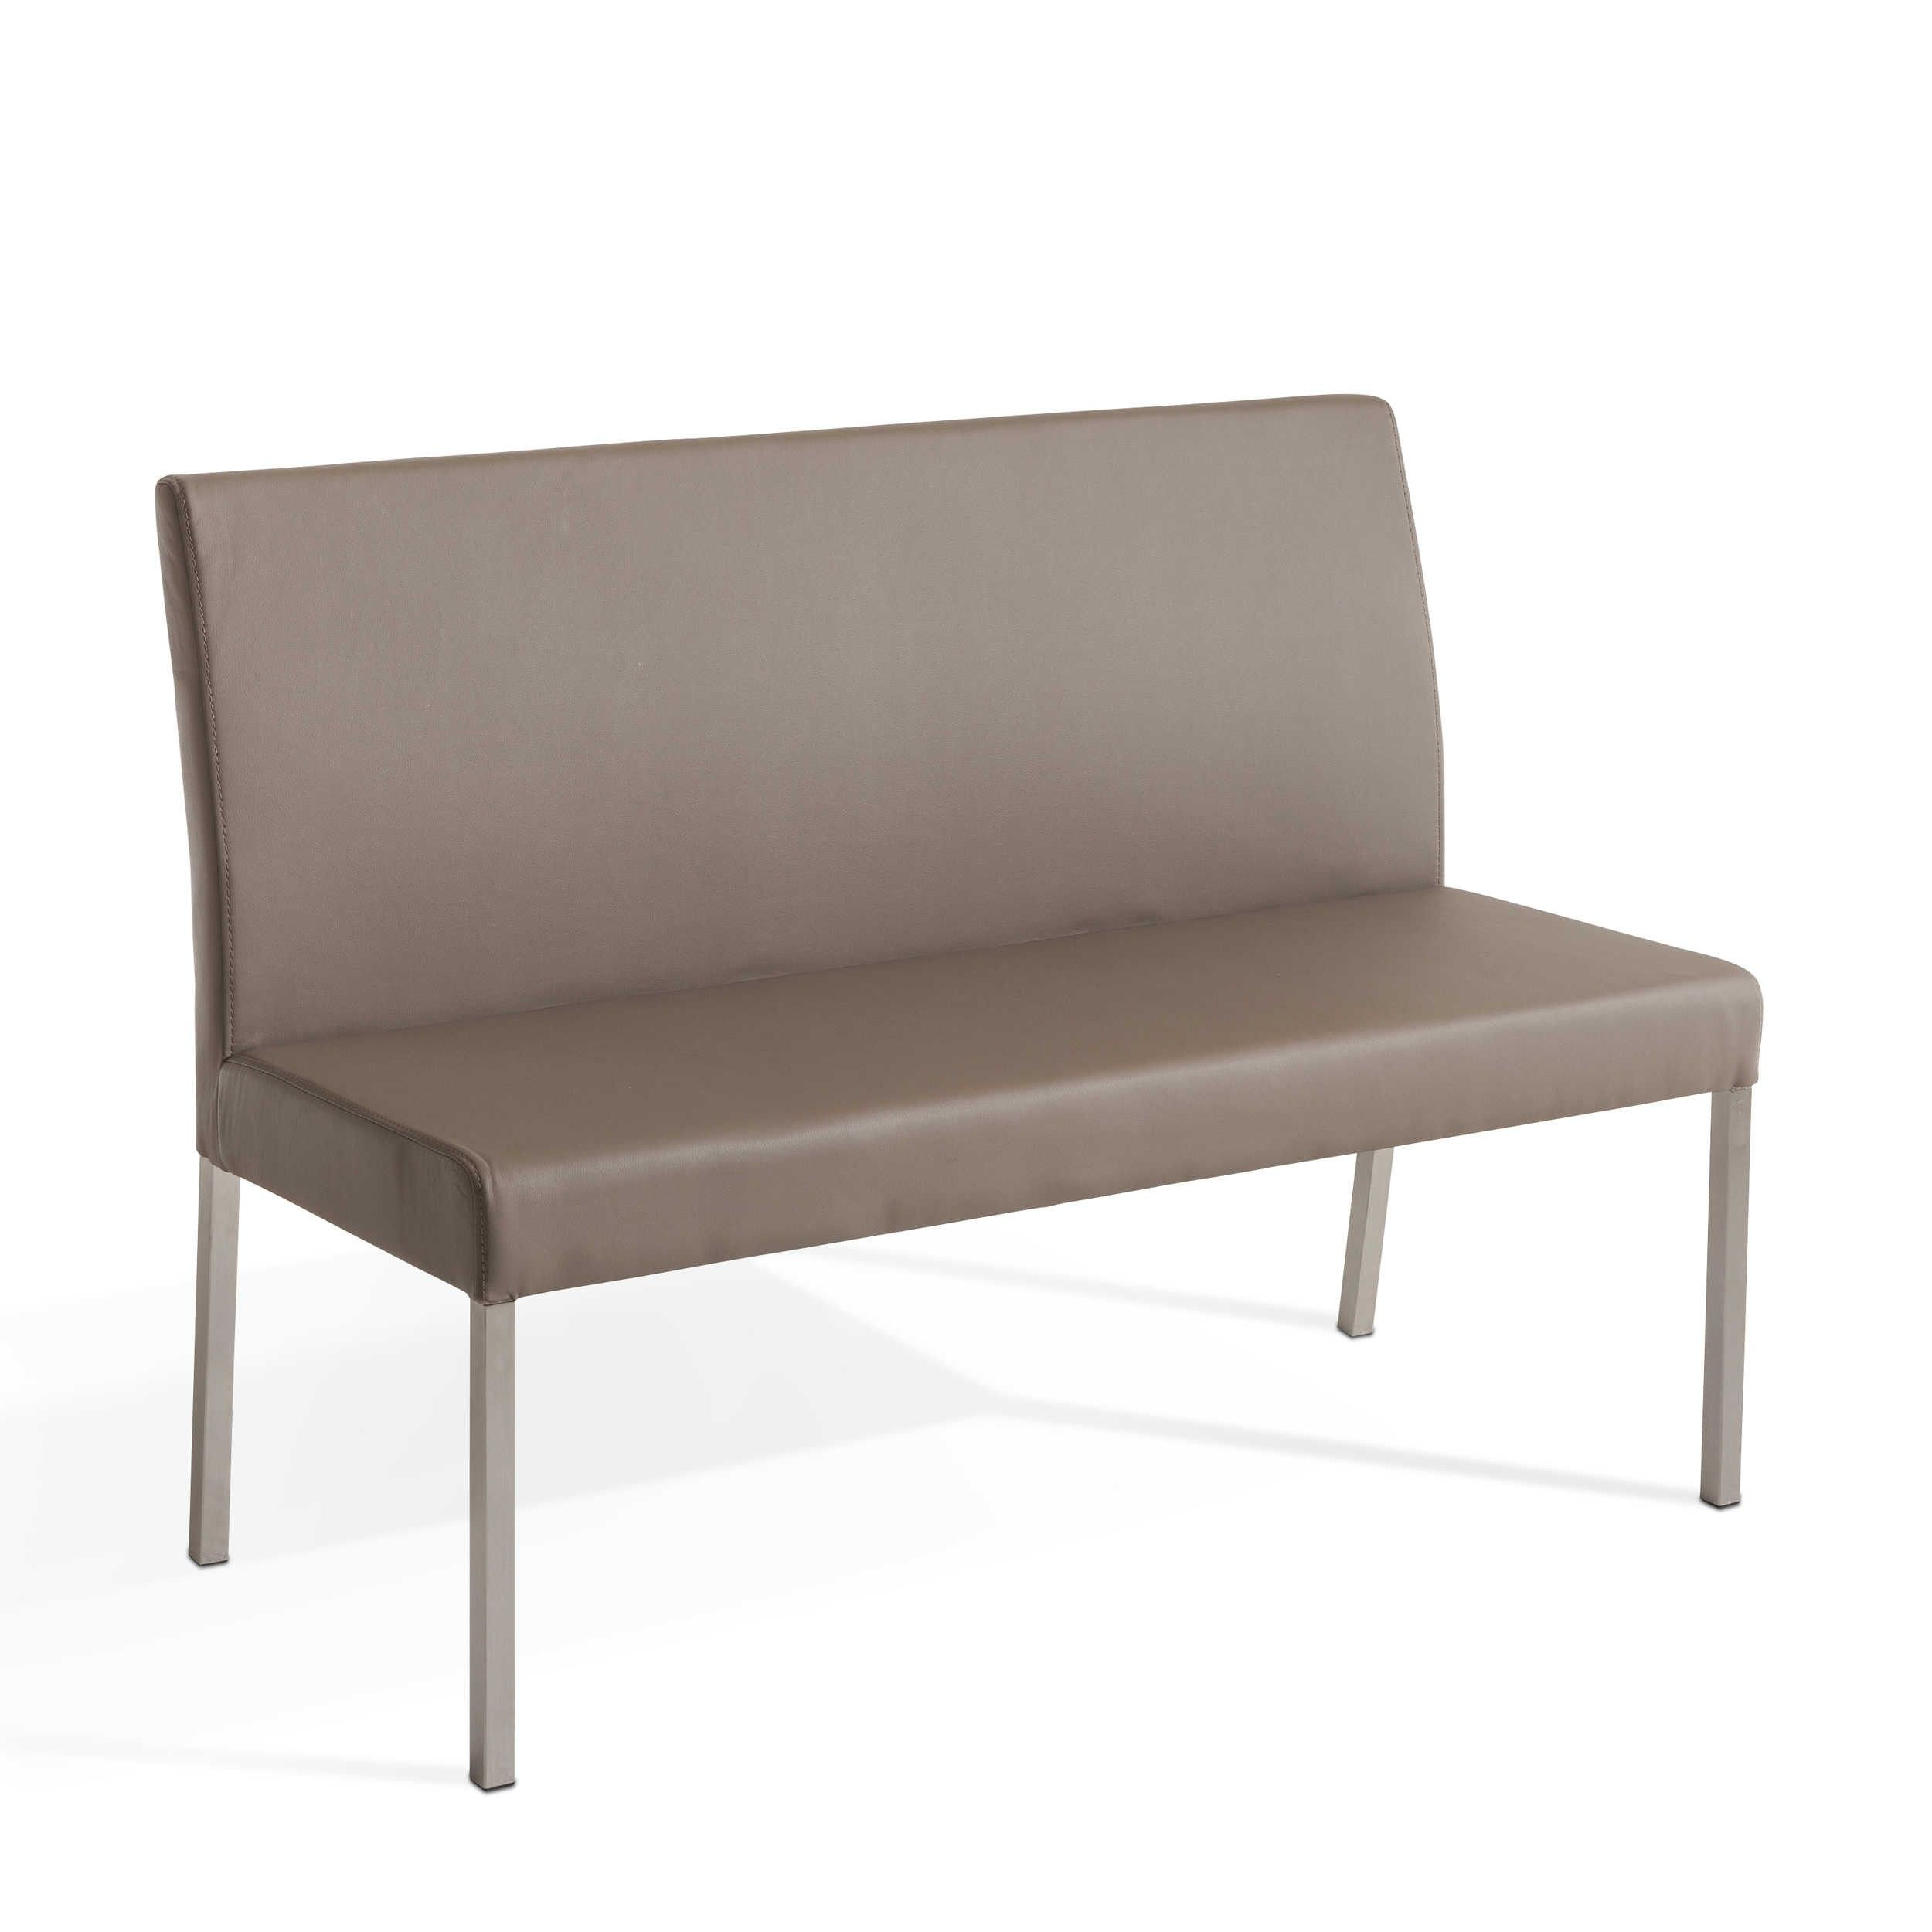 Billig Sitzbank Mit Lehne Gepolstert Esszimmer Bänke